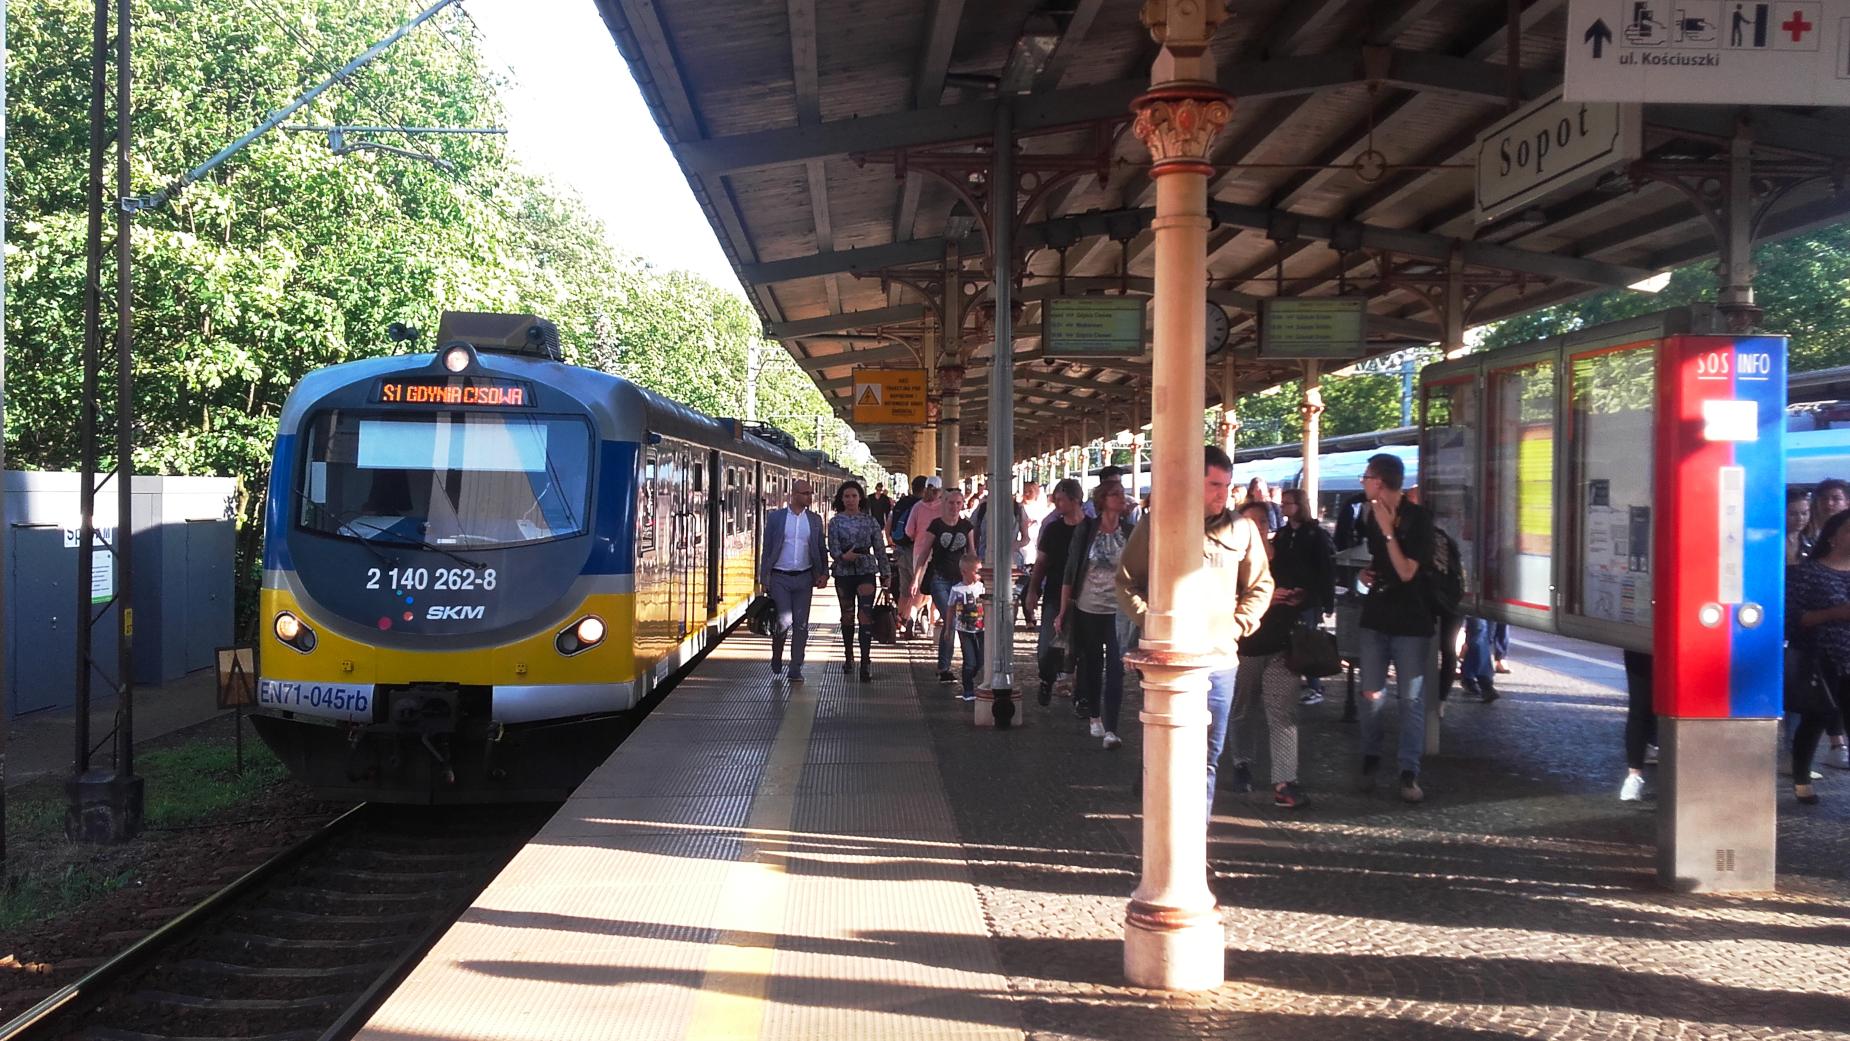 Pociągi pojadą co 10 minut lub częściej. Od 1 lipca na tory wyjedzie więcej składów Szybkiej Kolei Miejskiej